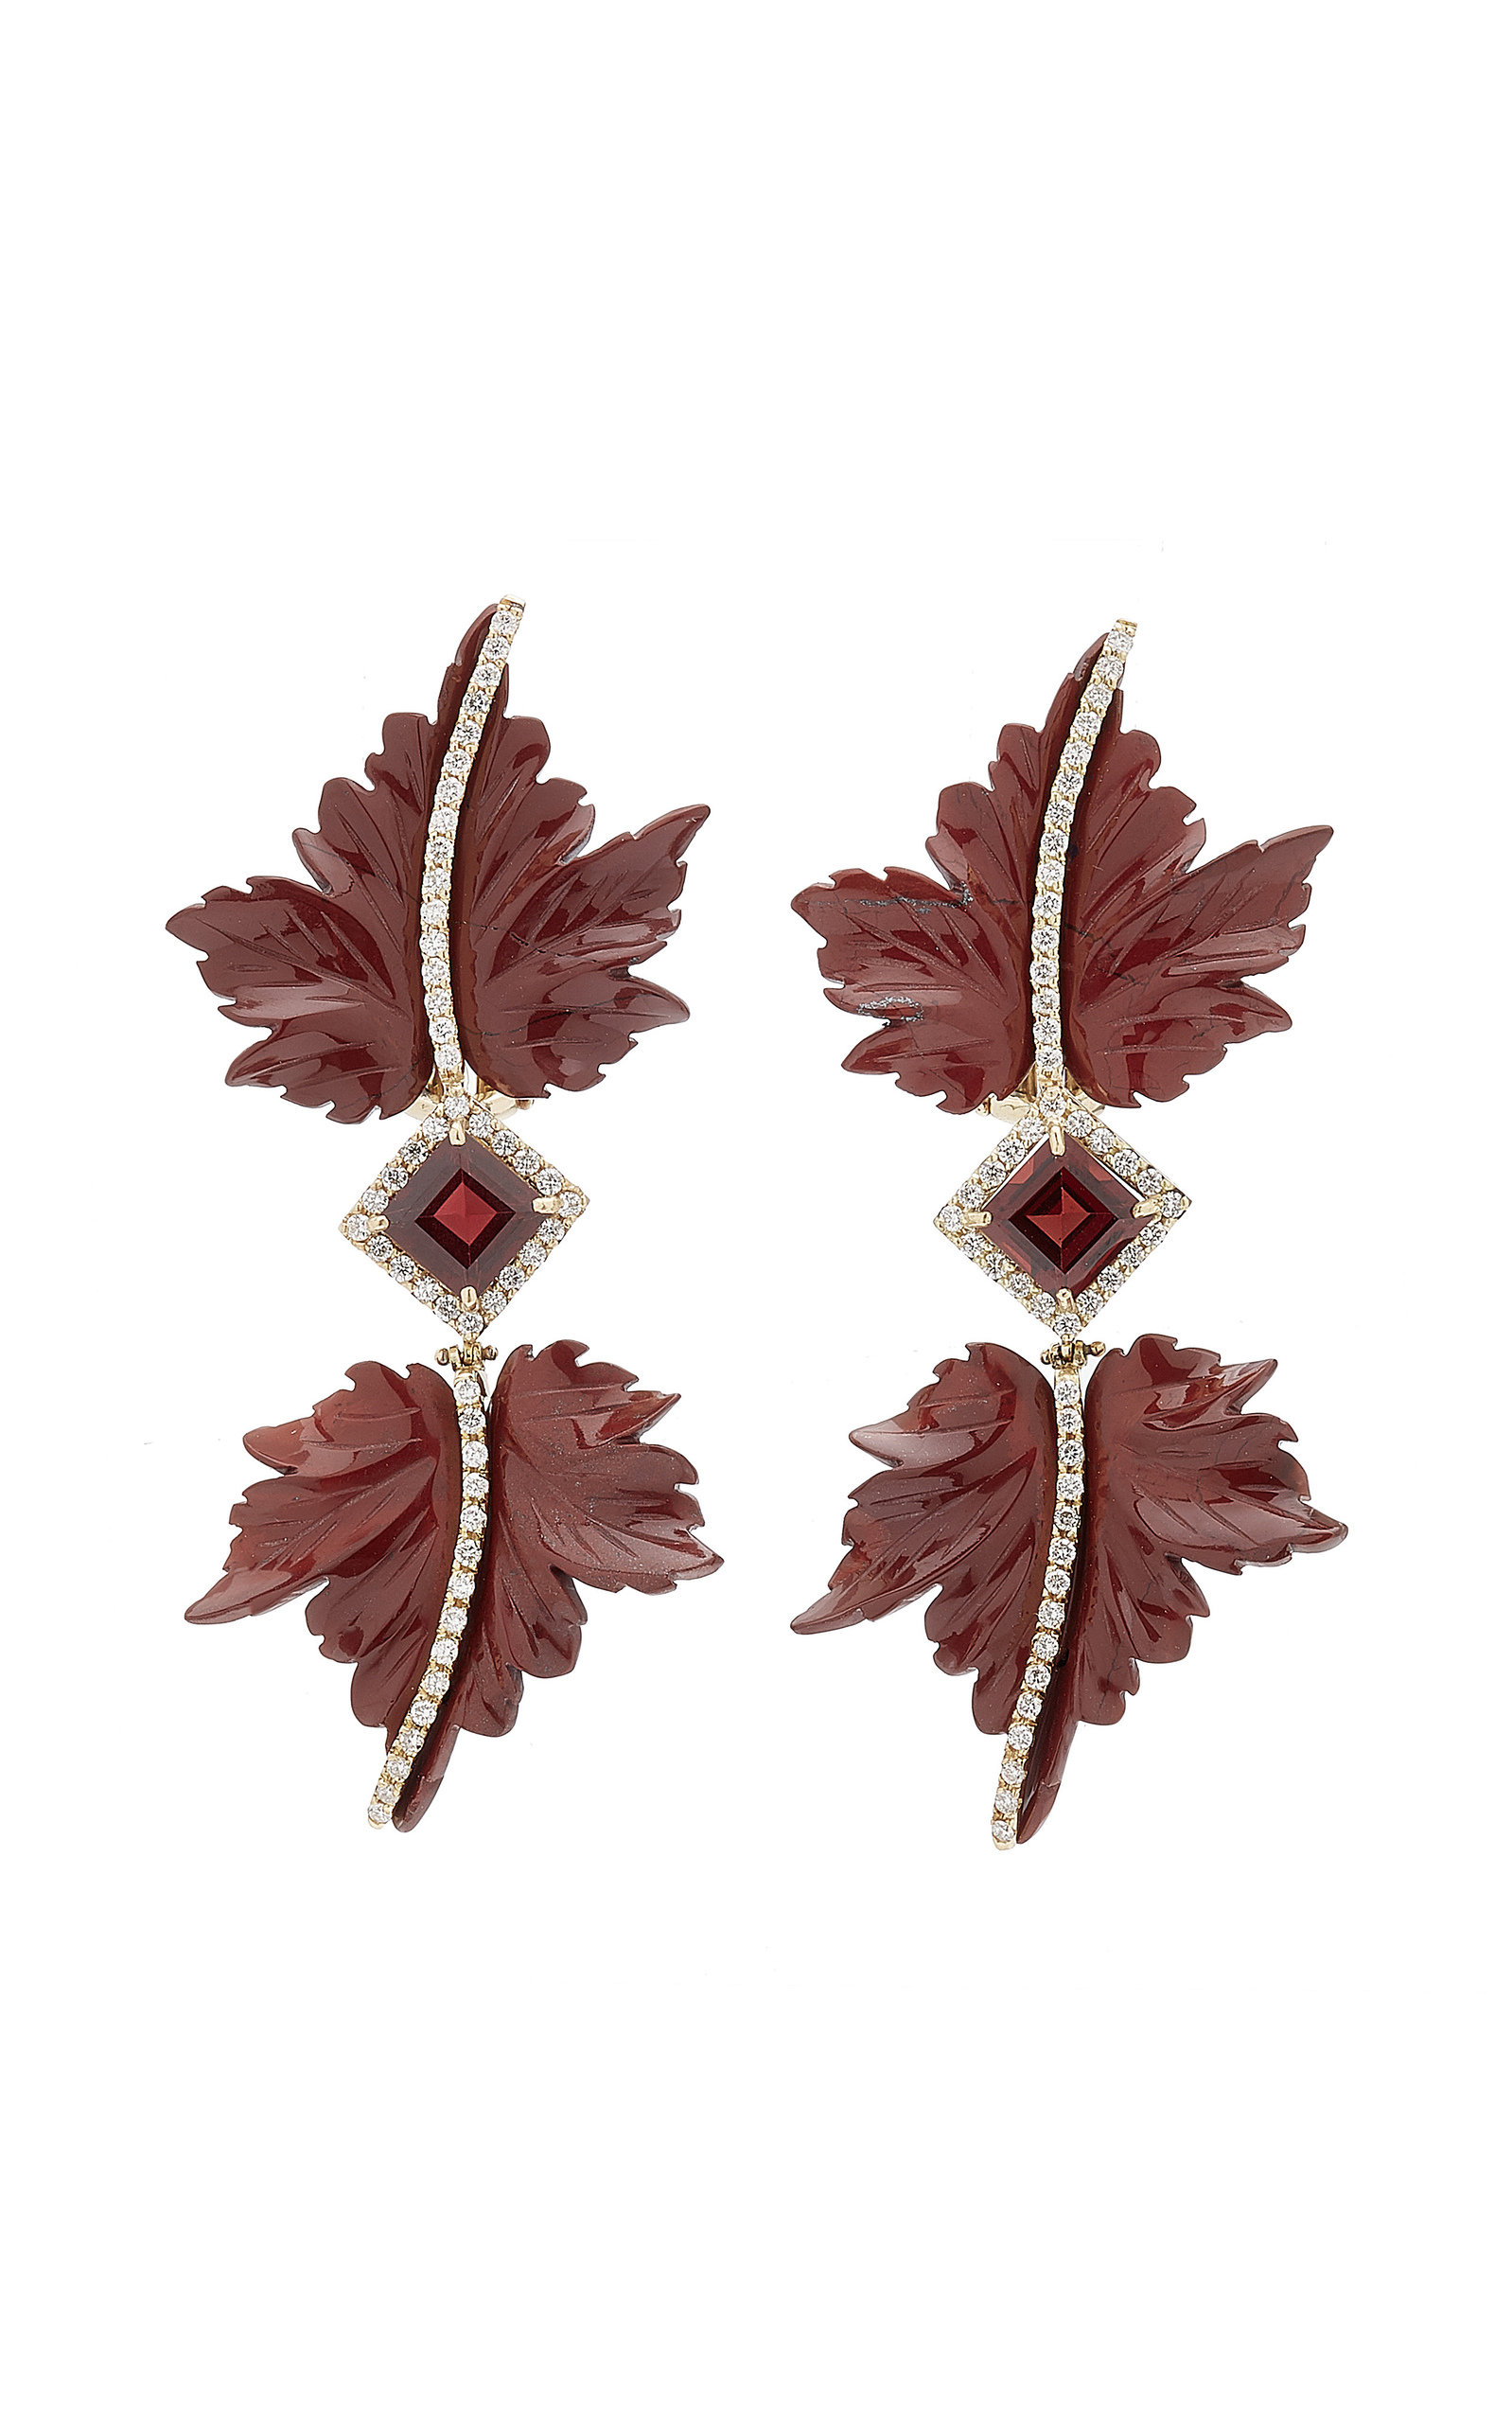 Casa Castro - Women's Double Leaf 18K Yellow Gold Jasper; Garnet; Diamond Earrings - Red - Moda Operandi